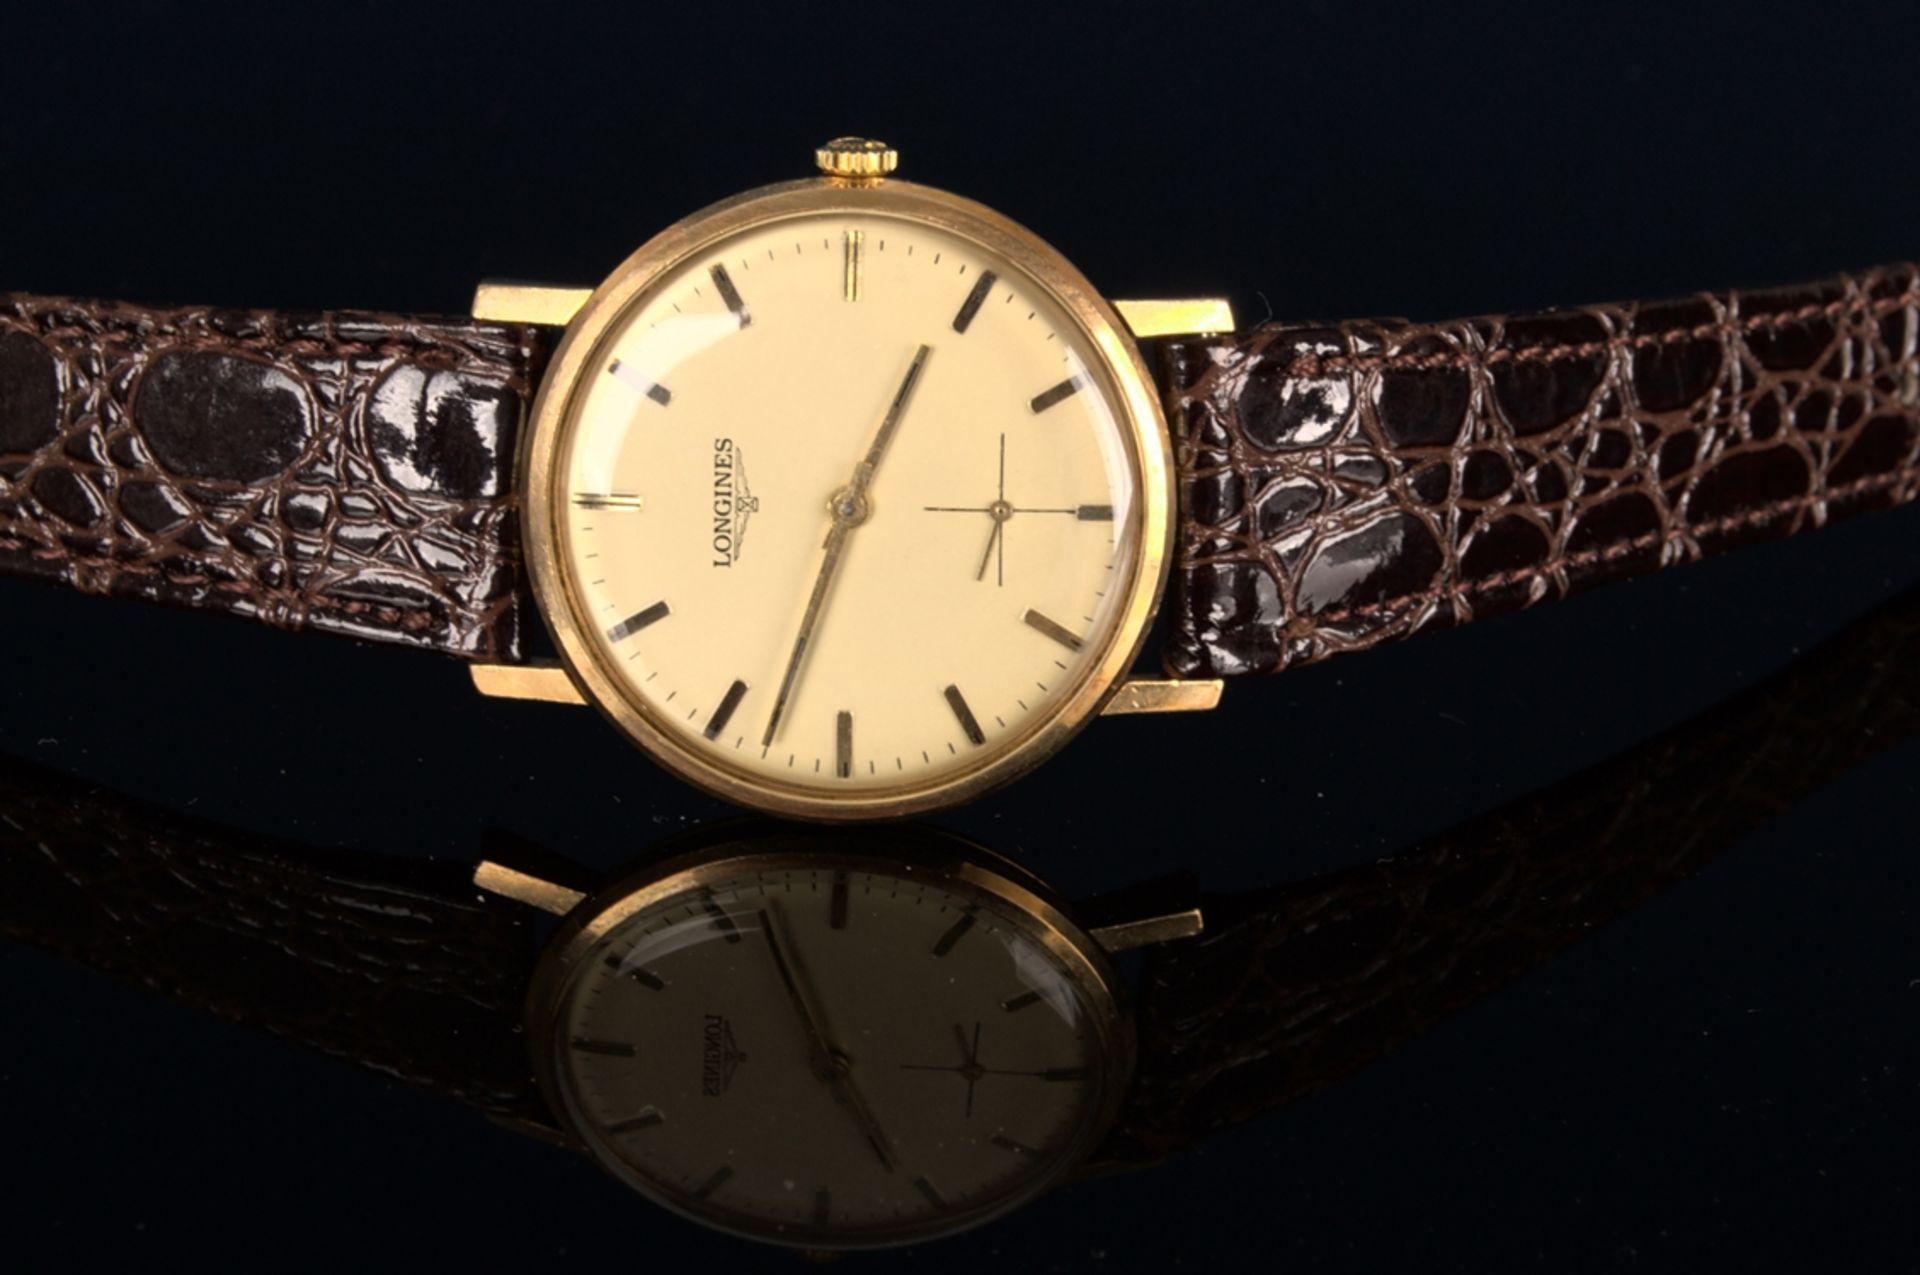 """""""LONGINES"""" - Elegante, goldene Herrenarmbanduhr der Marke Longines. Gehäuse in 18 K Gelbgold, - Bild 4 aus 12"""